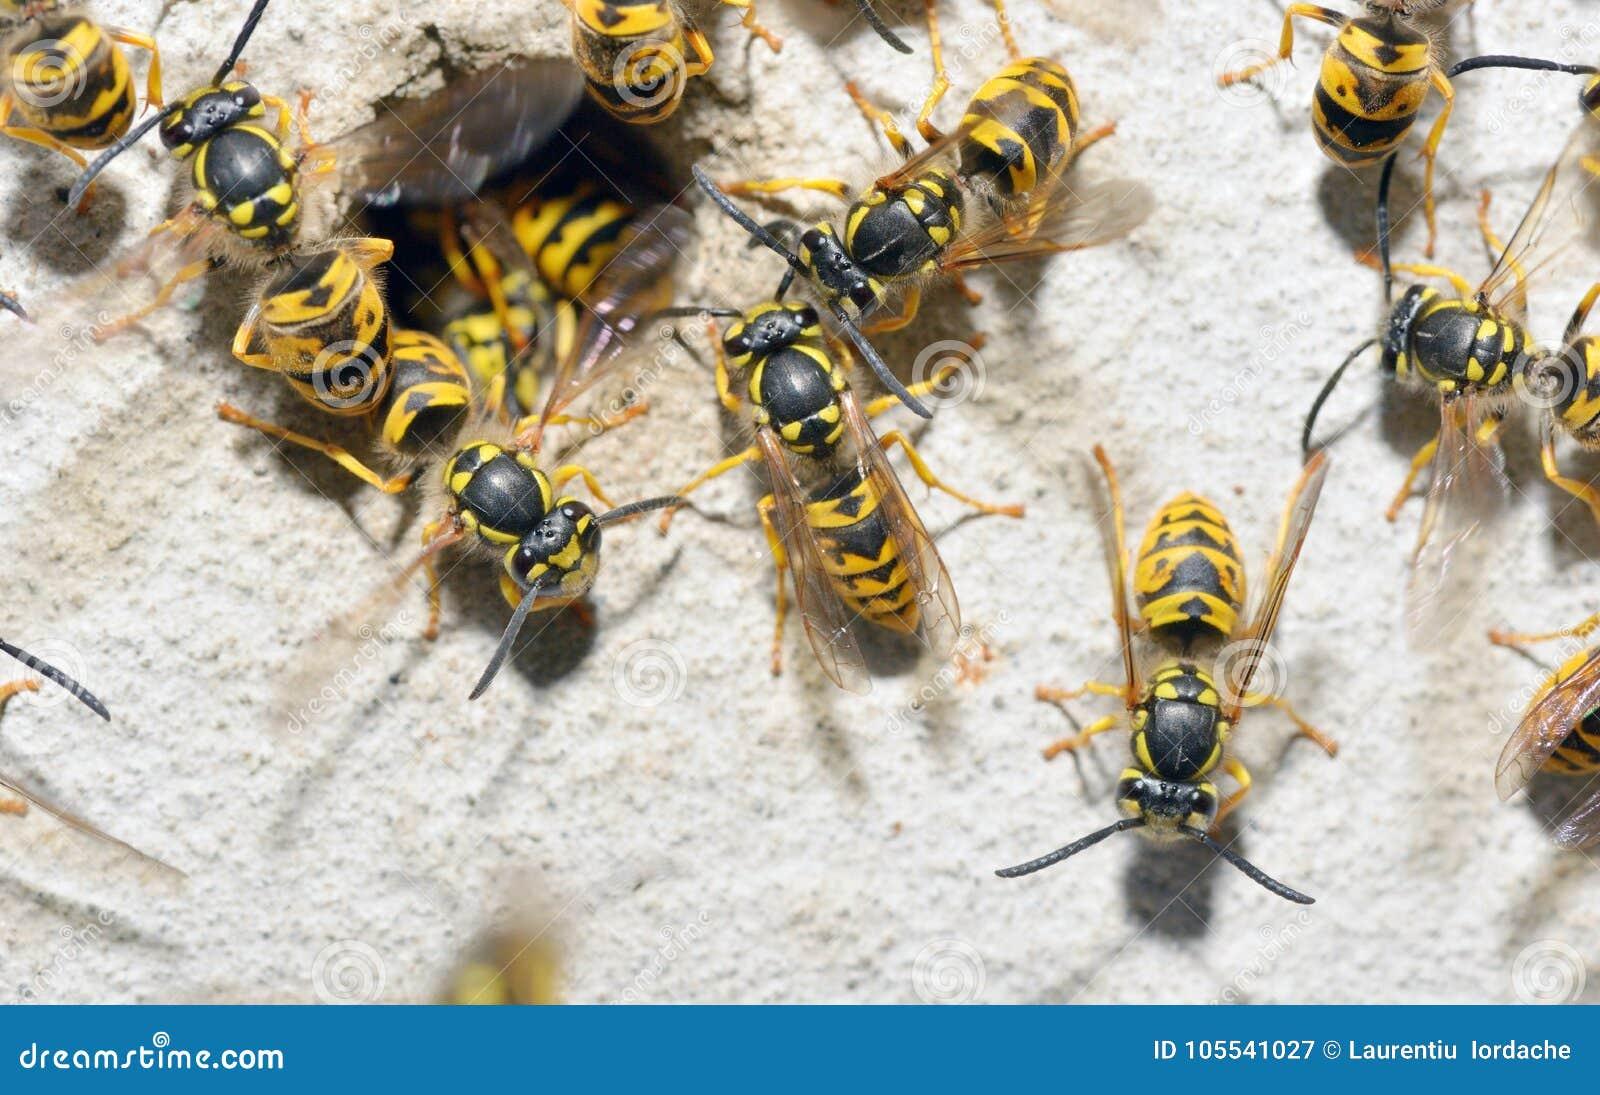 Wasp Family and nest hole stock image. Image of macro - 105541027